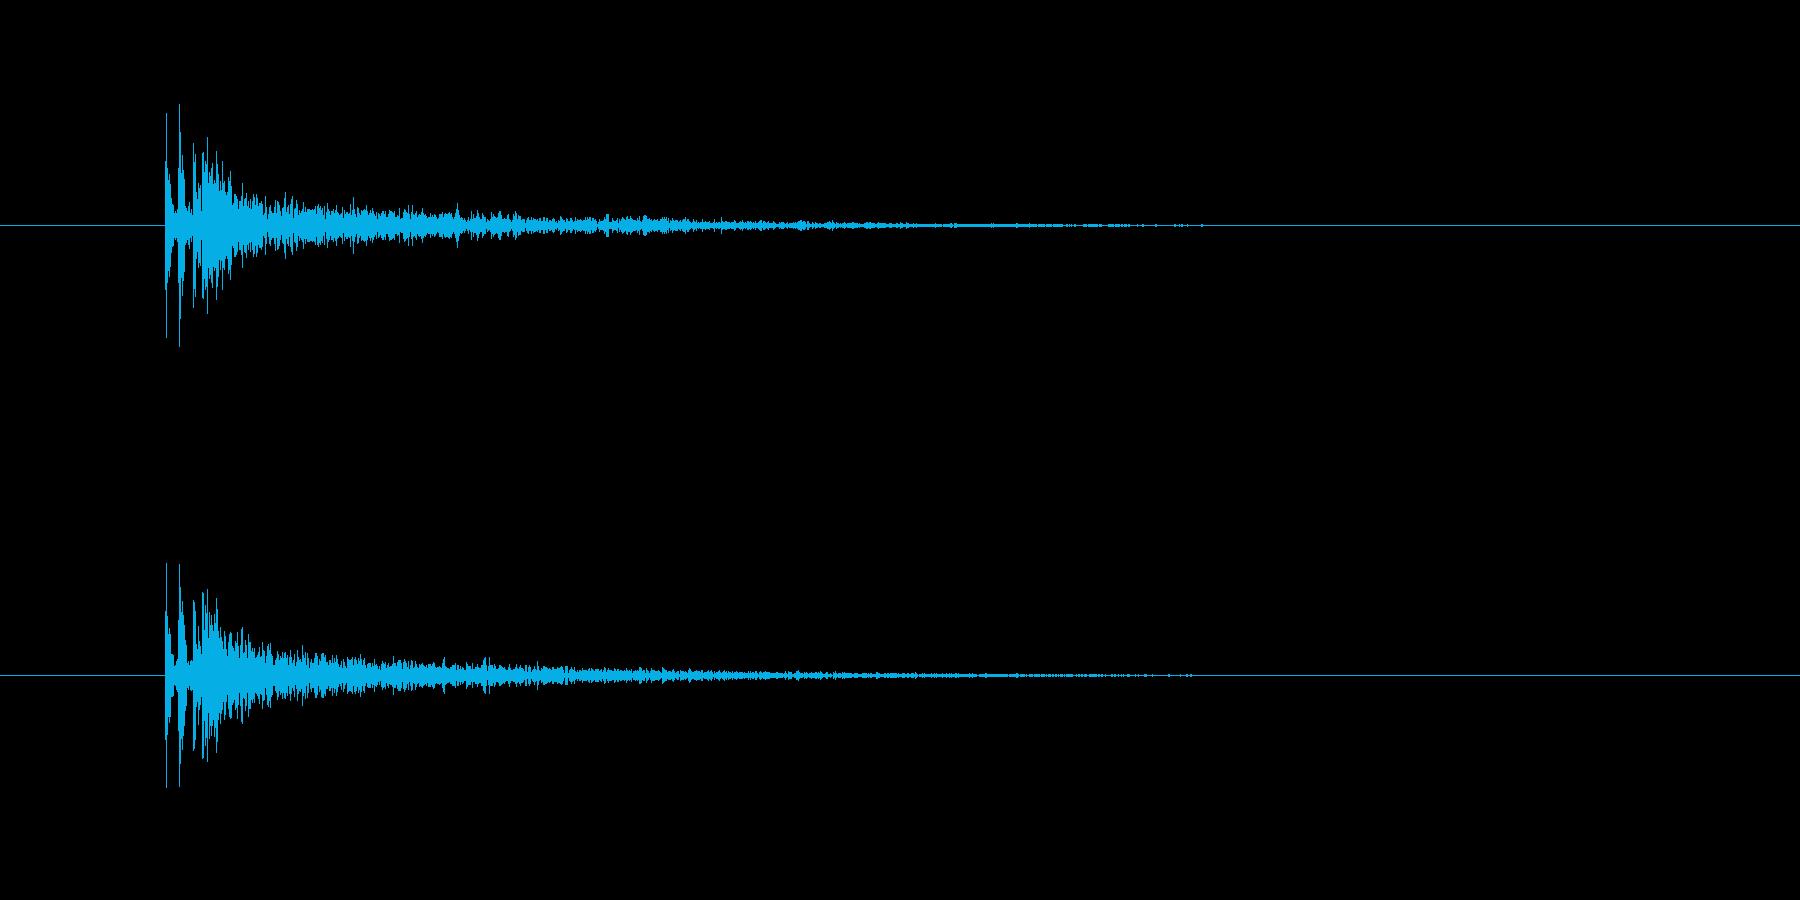 銃声(残響有り)の再生済みの波形